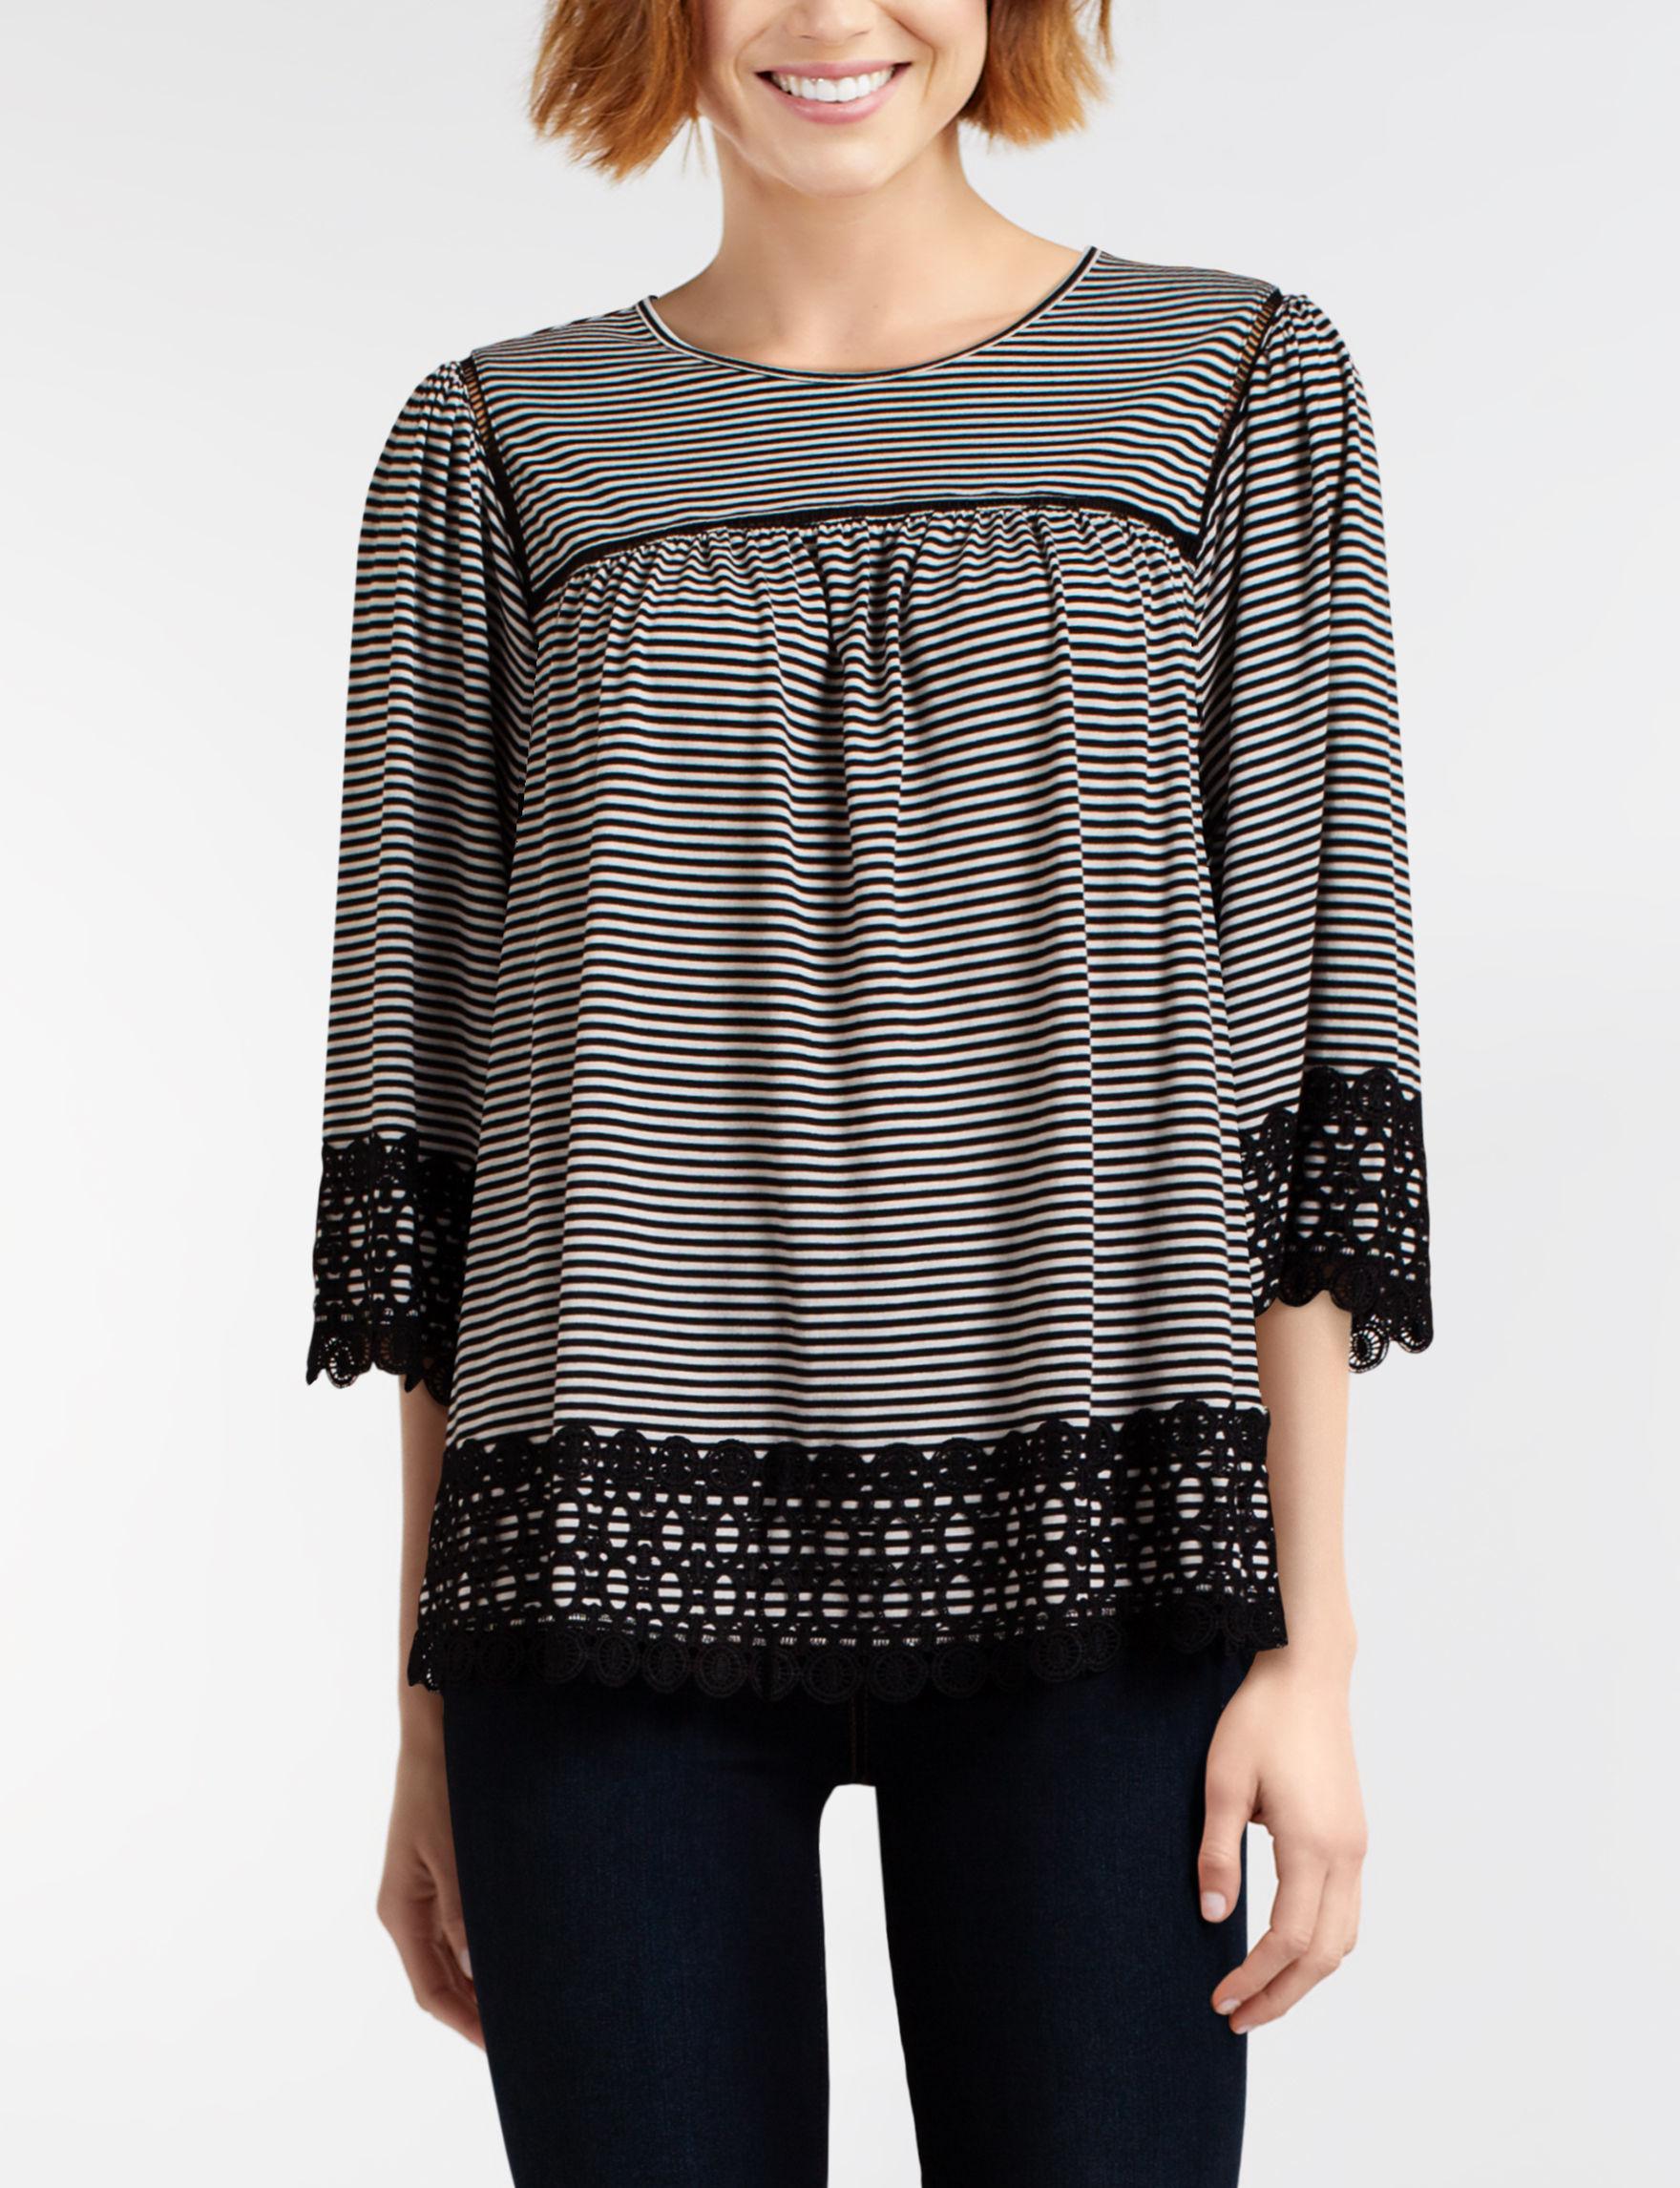 Hannah Brown Shirts & Blouses